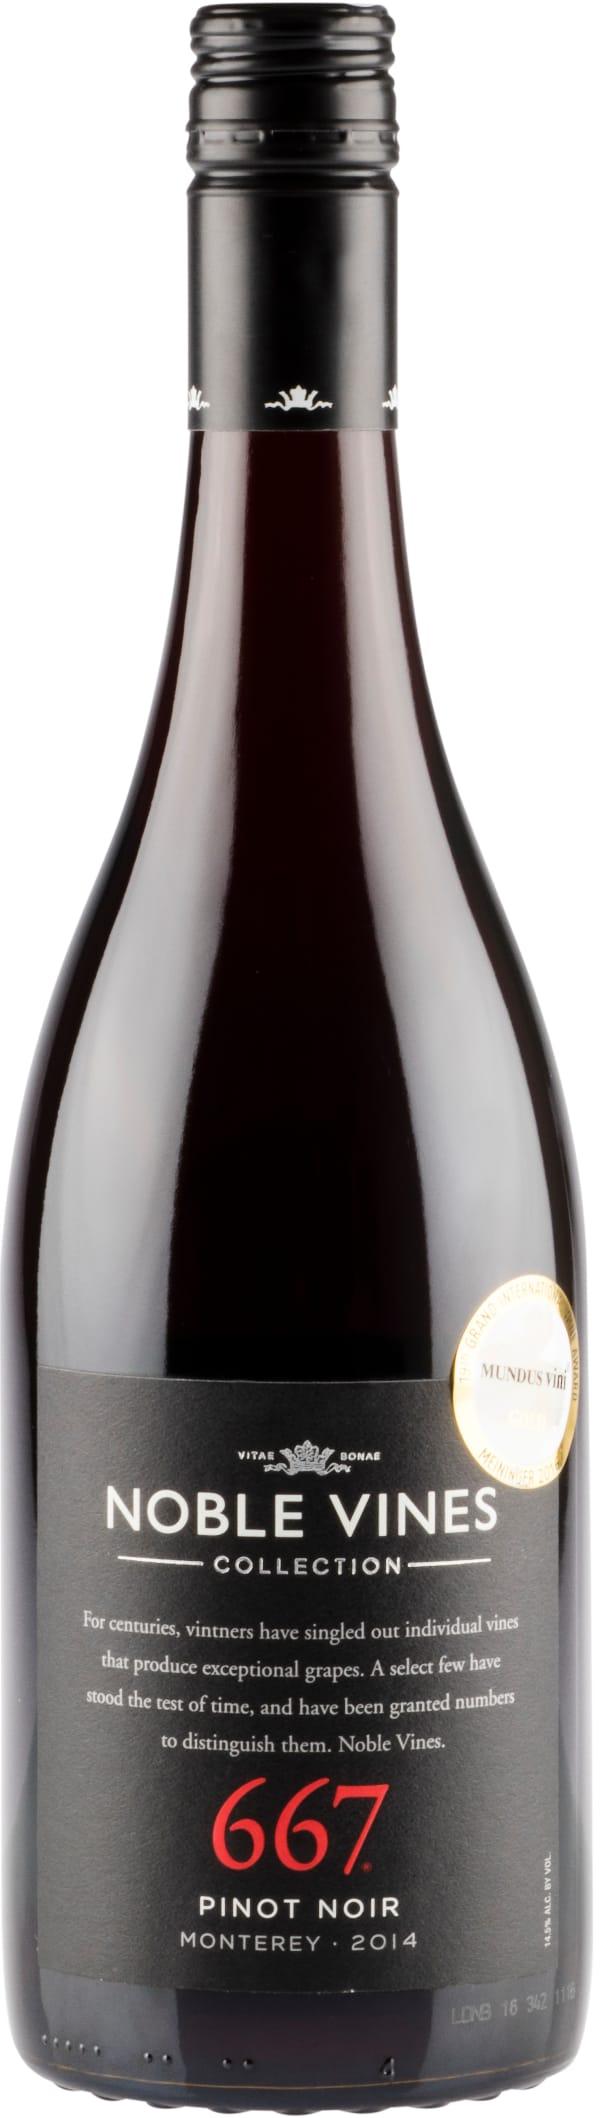 Noble Vines 667 Pinot Noir 2018